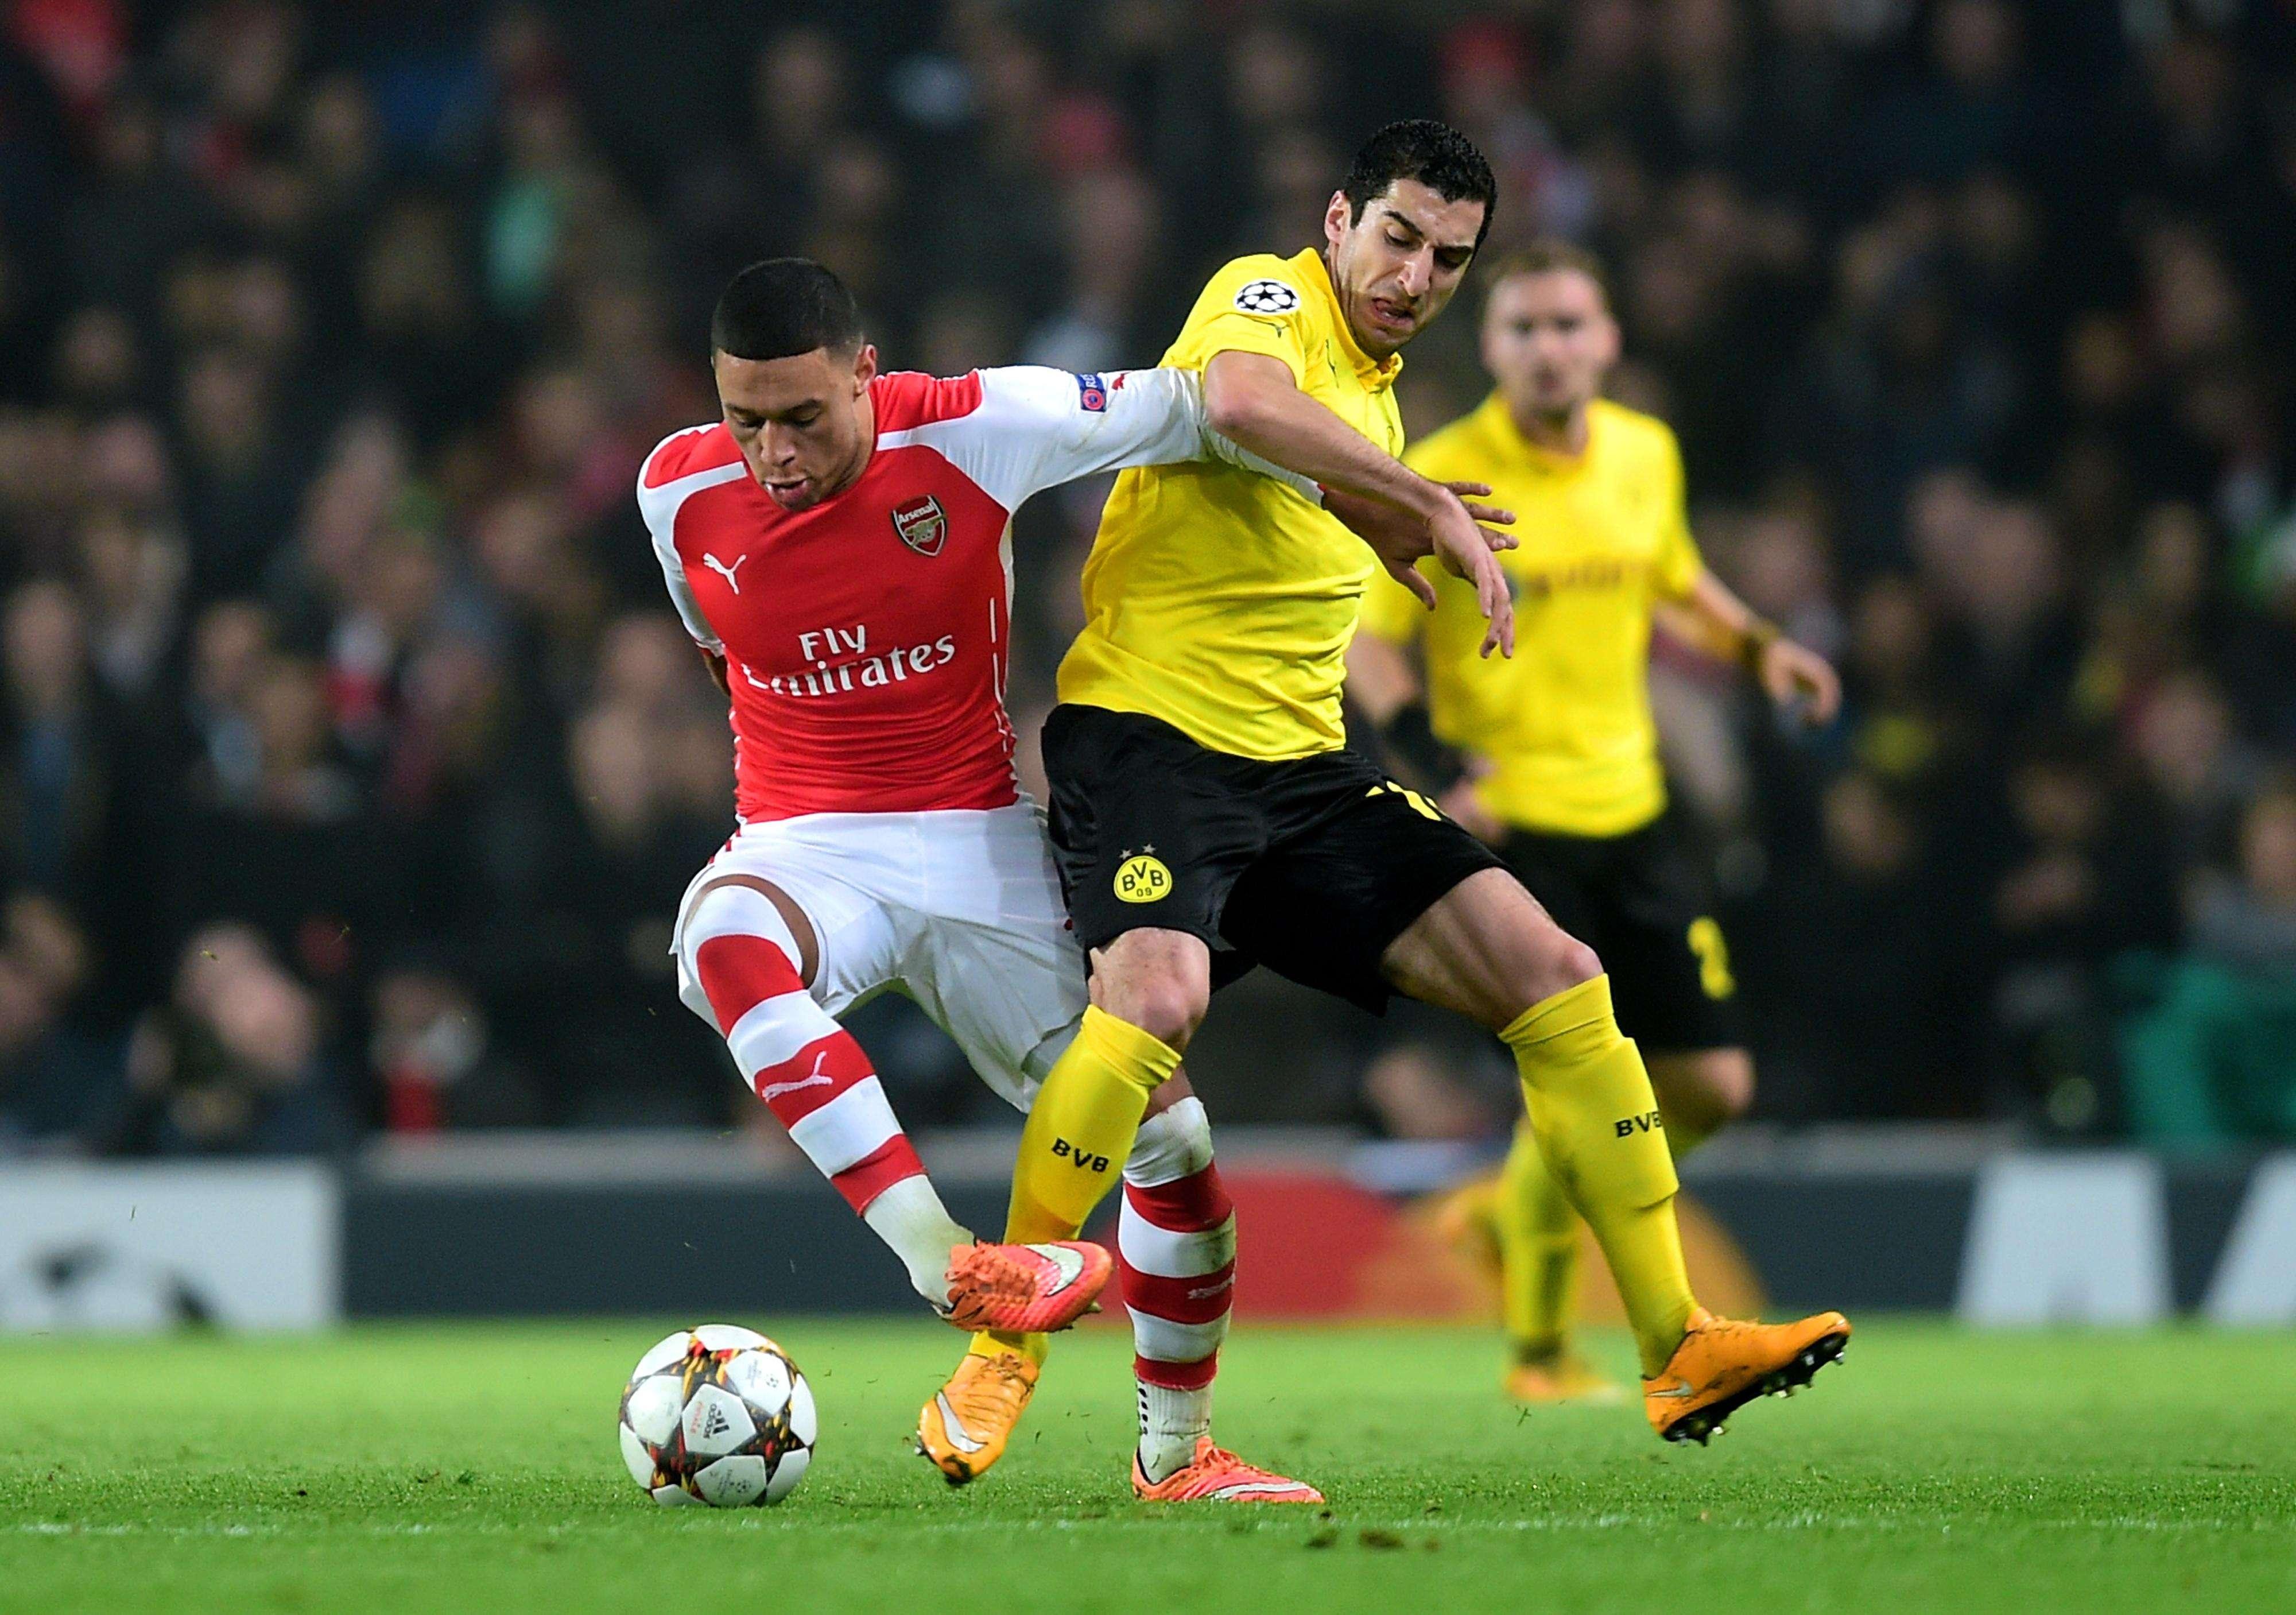 Con goles de Yaya Sanogo y Alexis Sánchez, Arsenal vence 2-0 al Borussia Dortmund y clasifica a octavos de final Foto: Getty Images